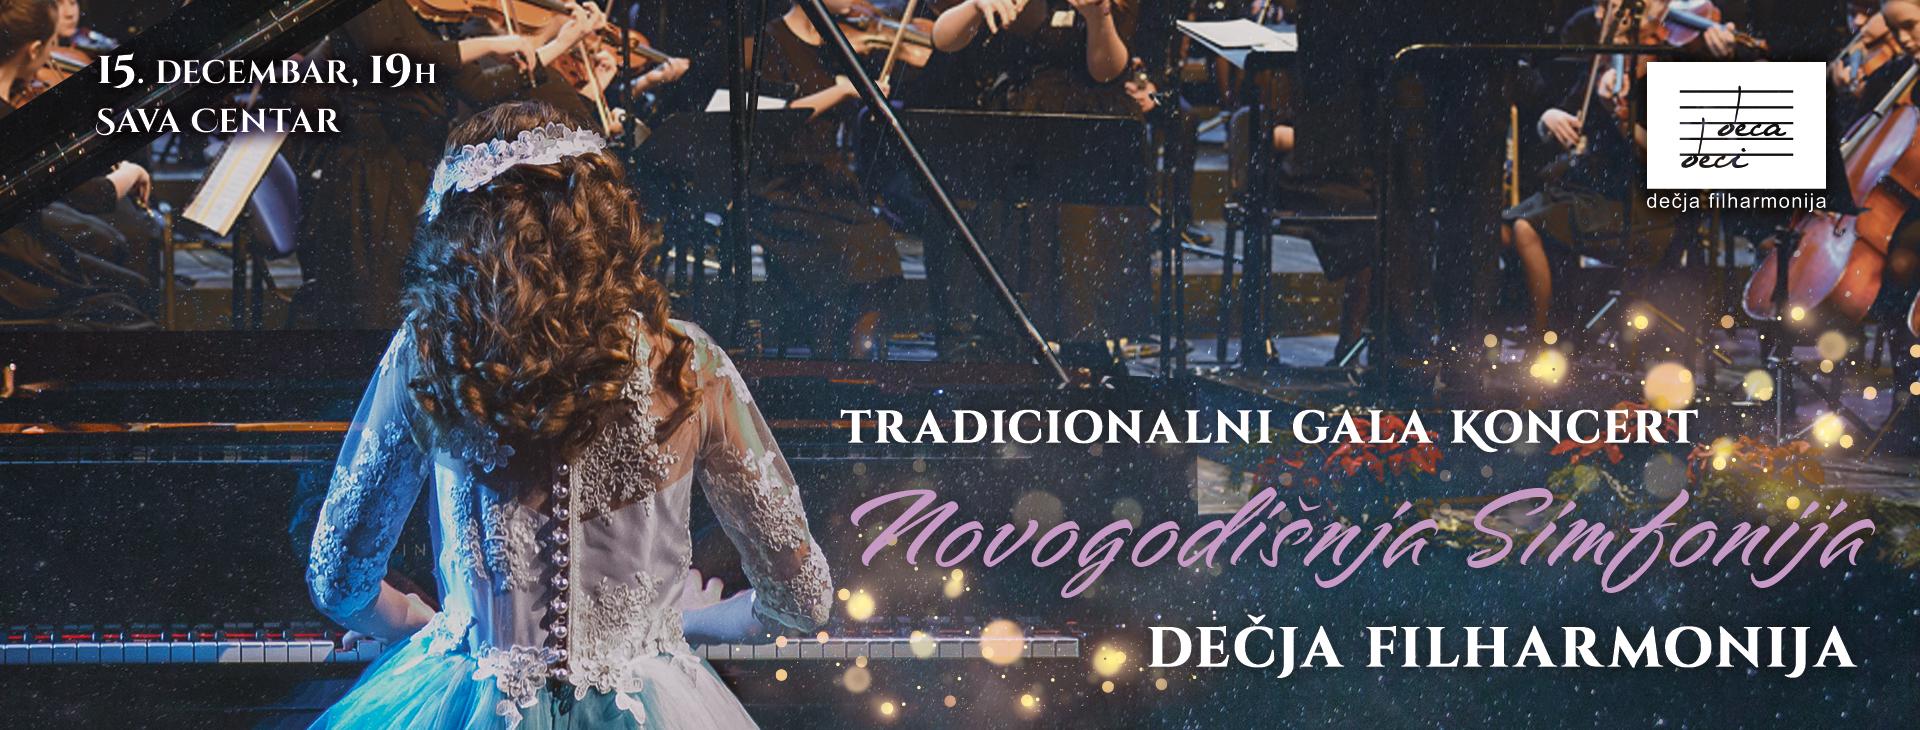 Novogodišnja simfonija Dečje filharmonije